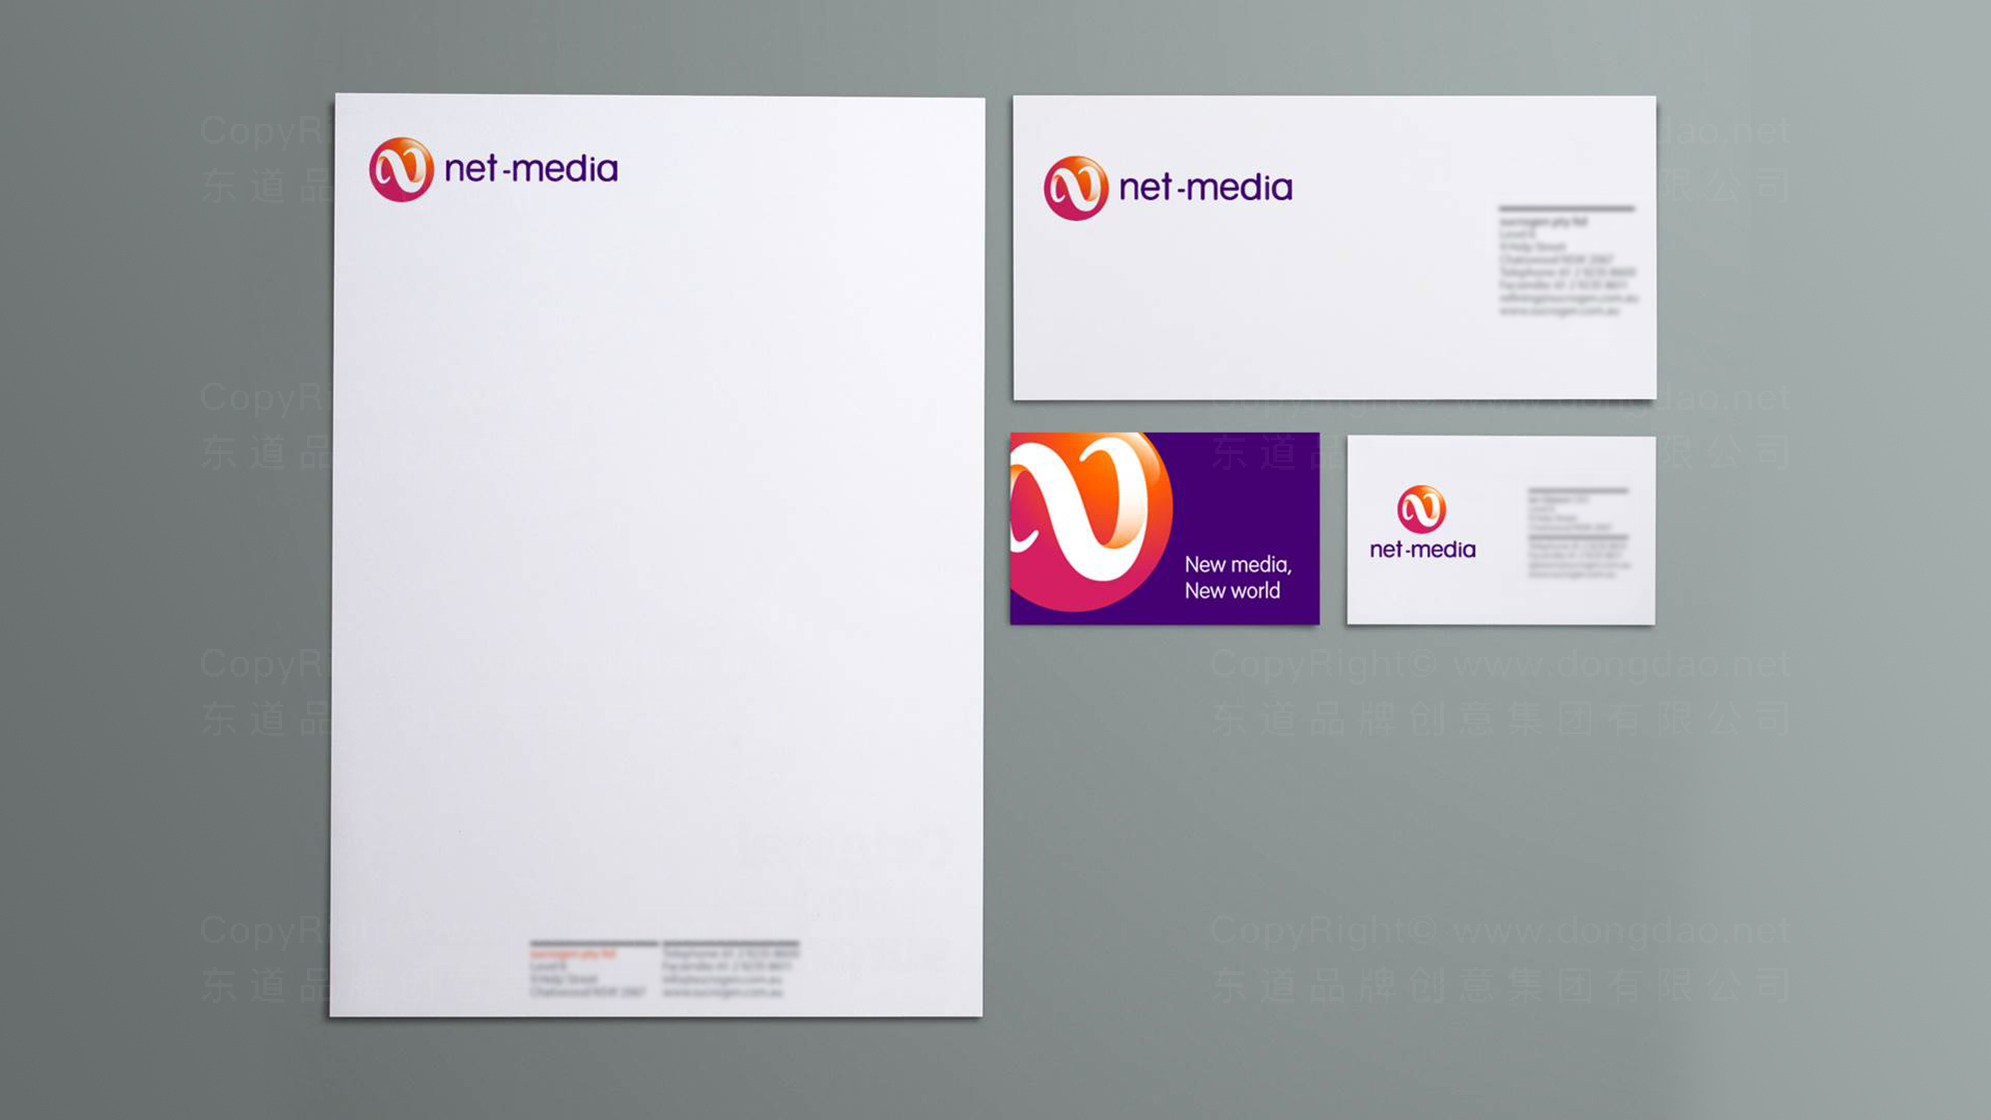 传媒公司logo标志设计应用场景_2